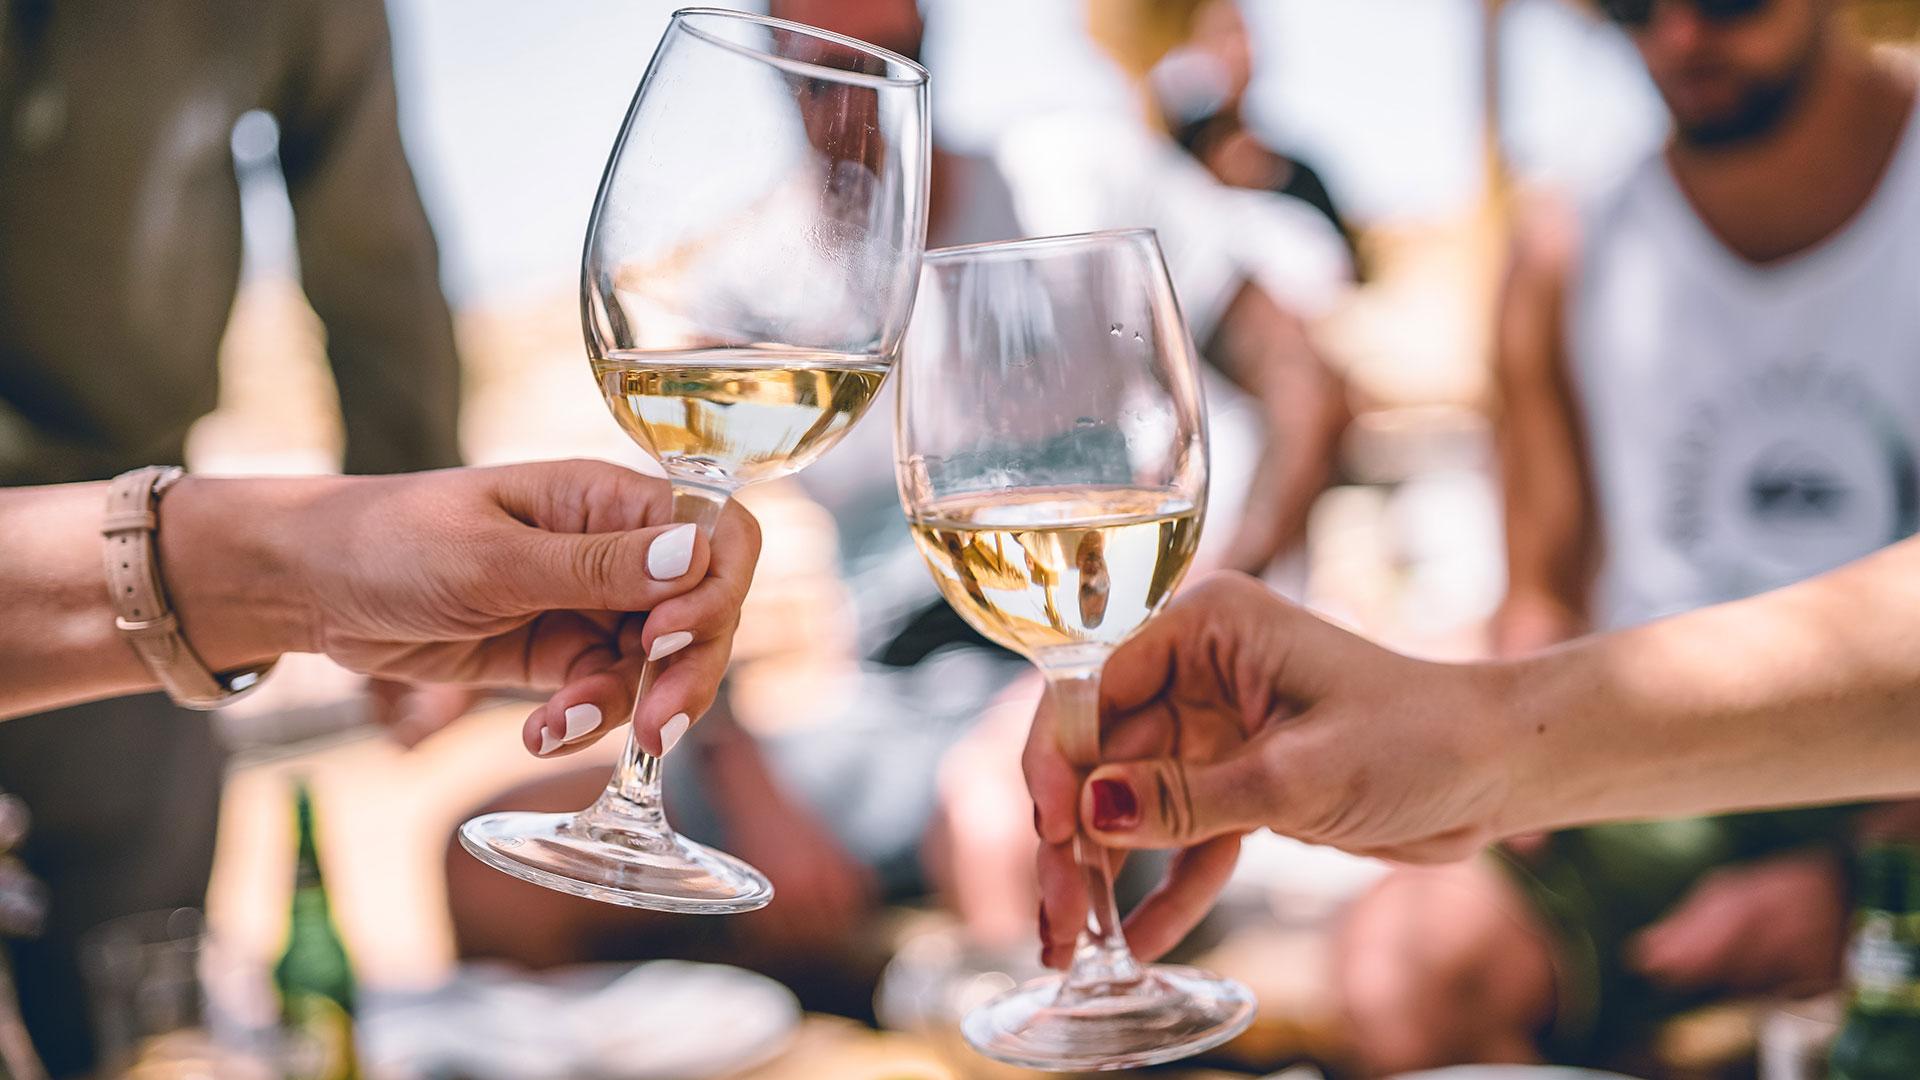 Hai mai assaggiato un vino alcol free? Scopri la moda del momento